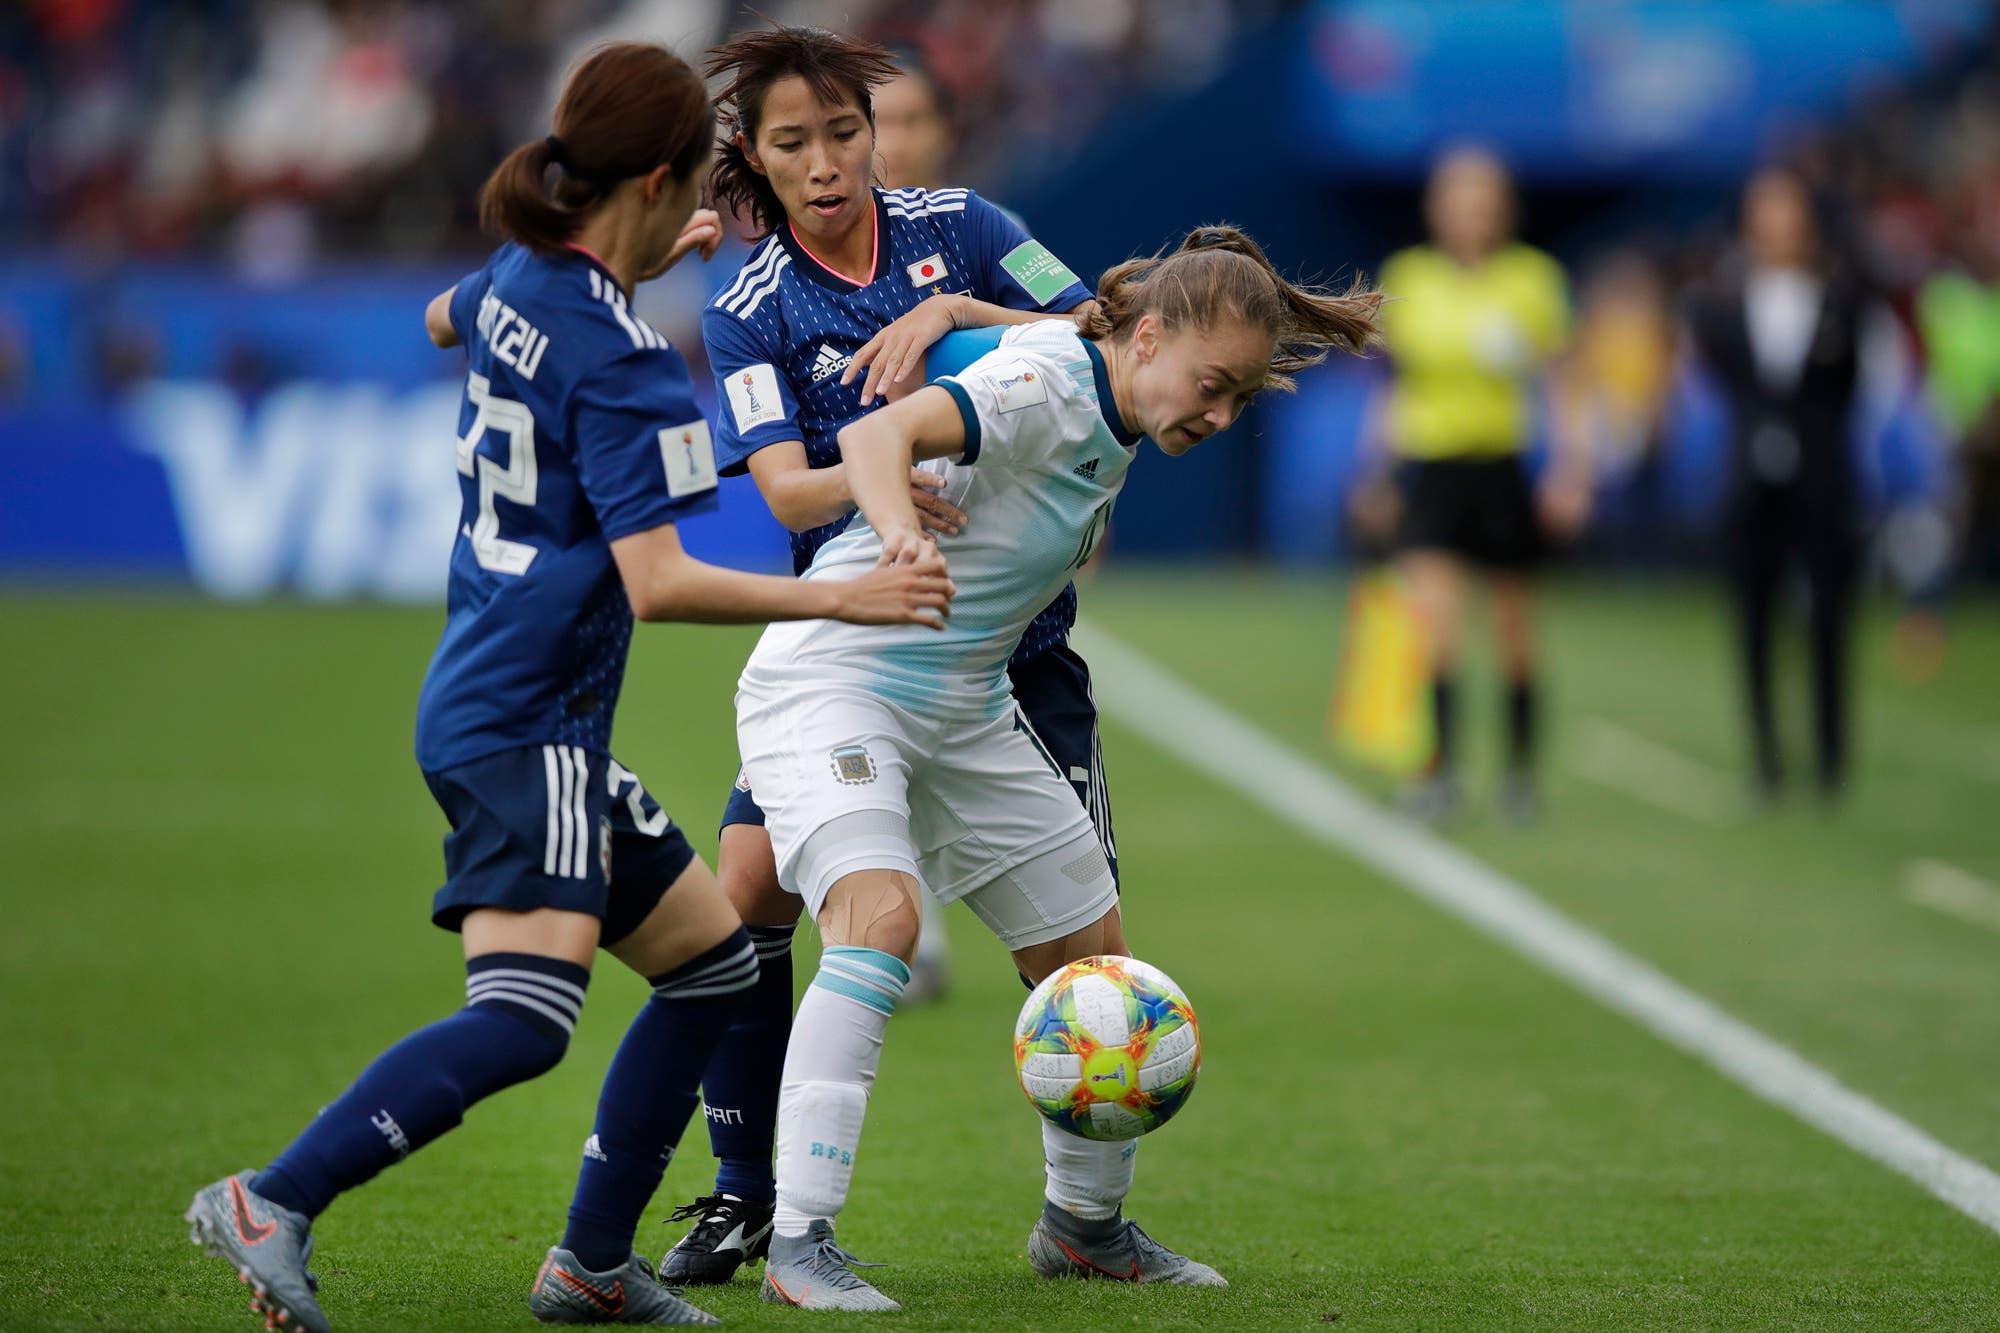 Los tuits de Francia 2019: Twitter premiará a los mejores tuits del Mundial de fútbol femenino